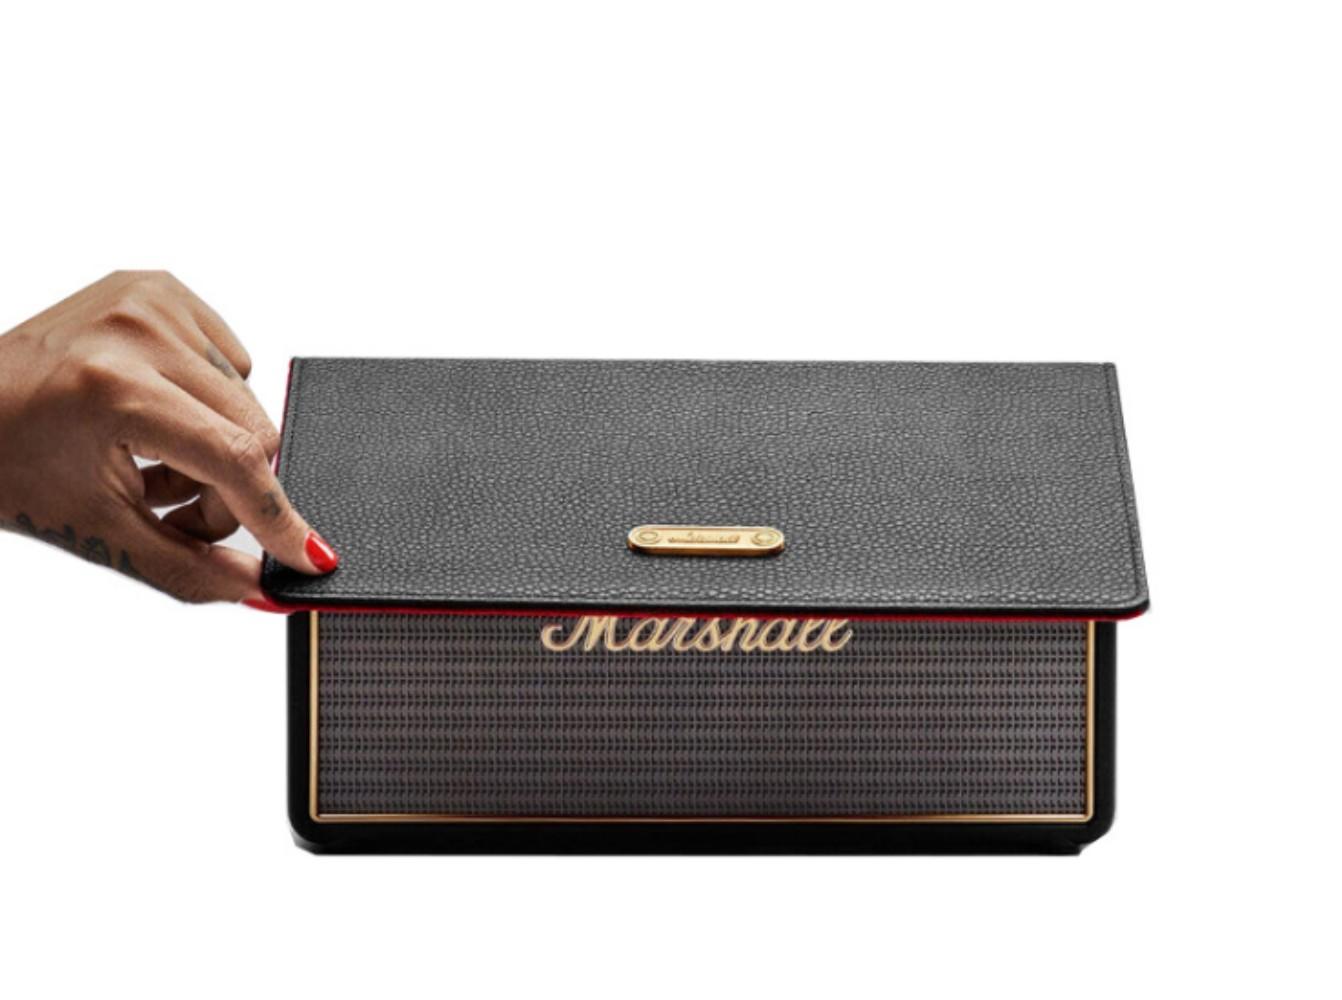 마샬스톡웰 고급 블루투스스피커 무선 레트로 클래식 심플 휴대용, 표준 + Stockwell+가죽케이스+오디오케이블